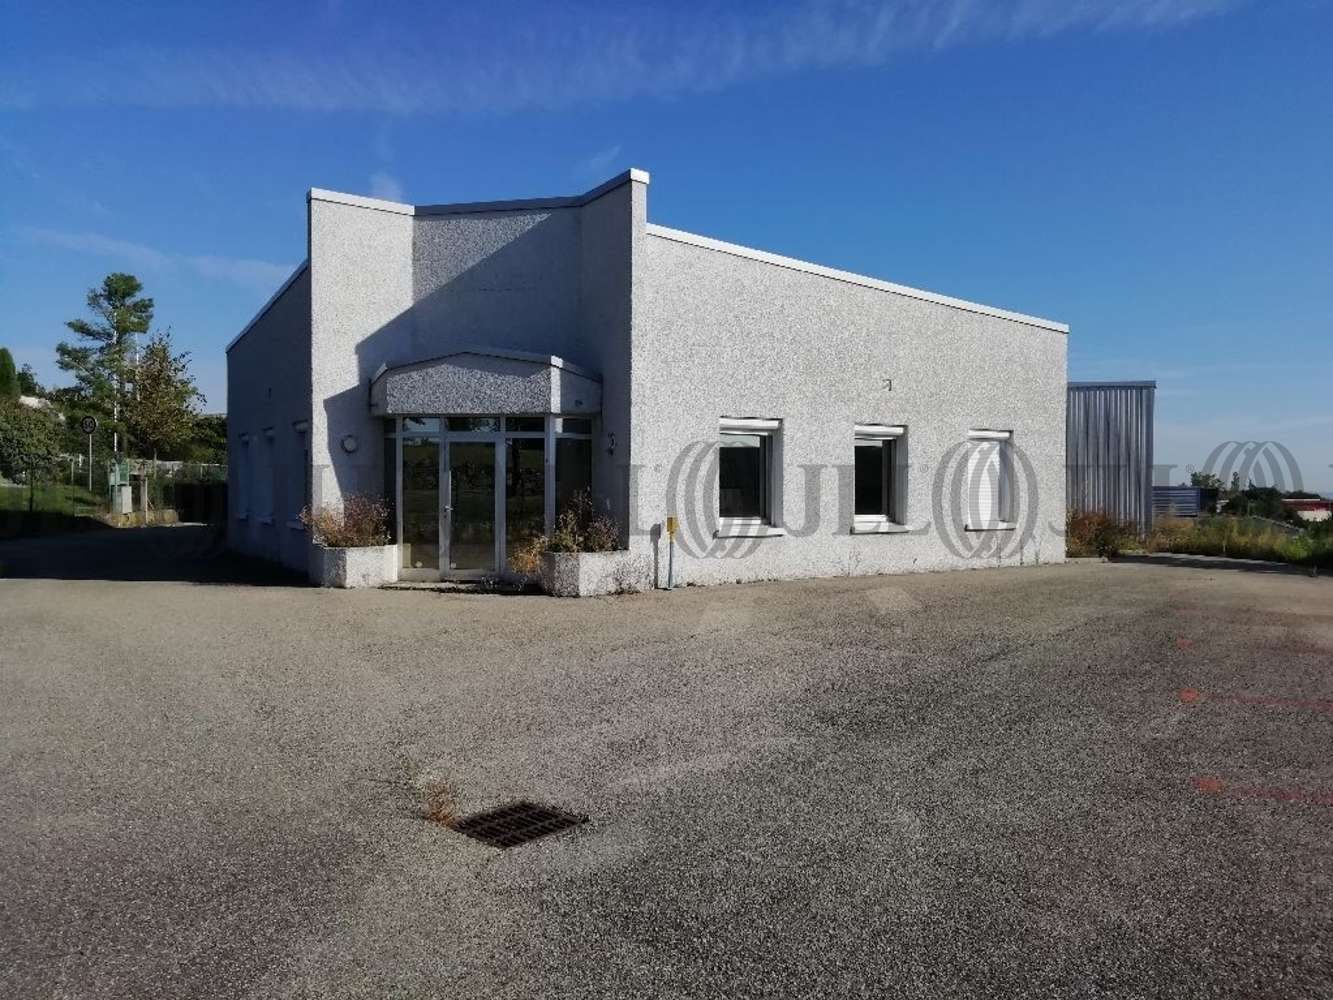 Activités/entrepôt Taluyers, 69440 - ENTREPOT À LOUER OU À VENDRE LYON SUD - 10648512